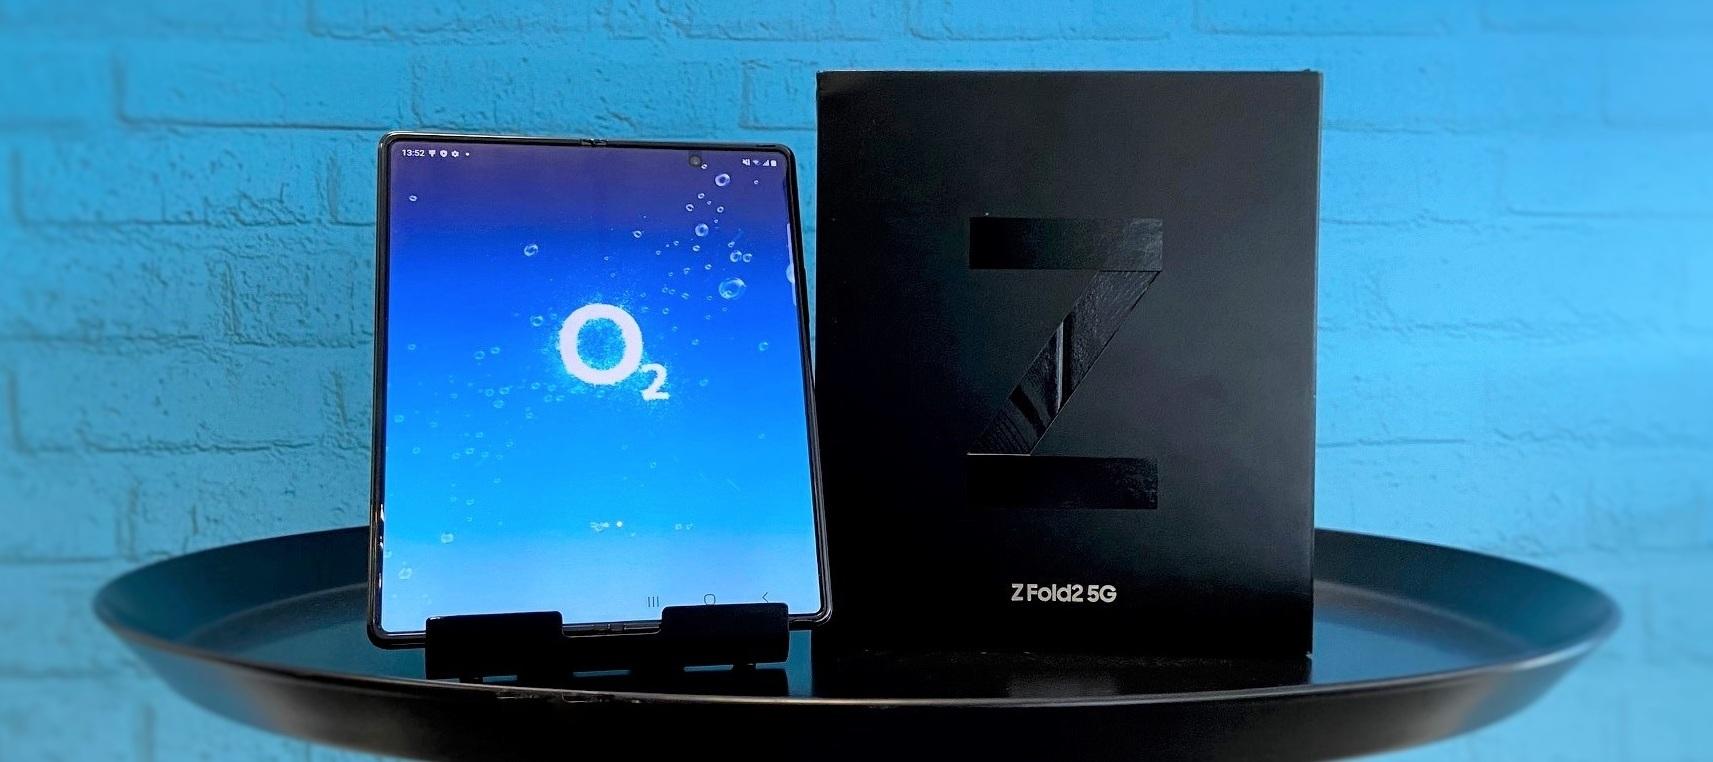 Samsung Galaxy Z Fold2 5G Testgerät - Wir vergeben das Foldable für einen Produkttest